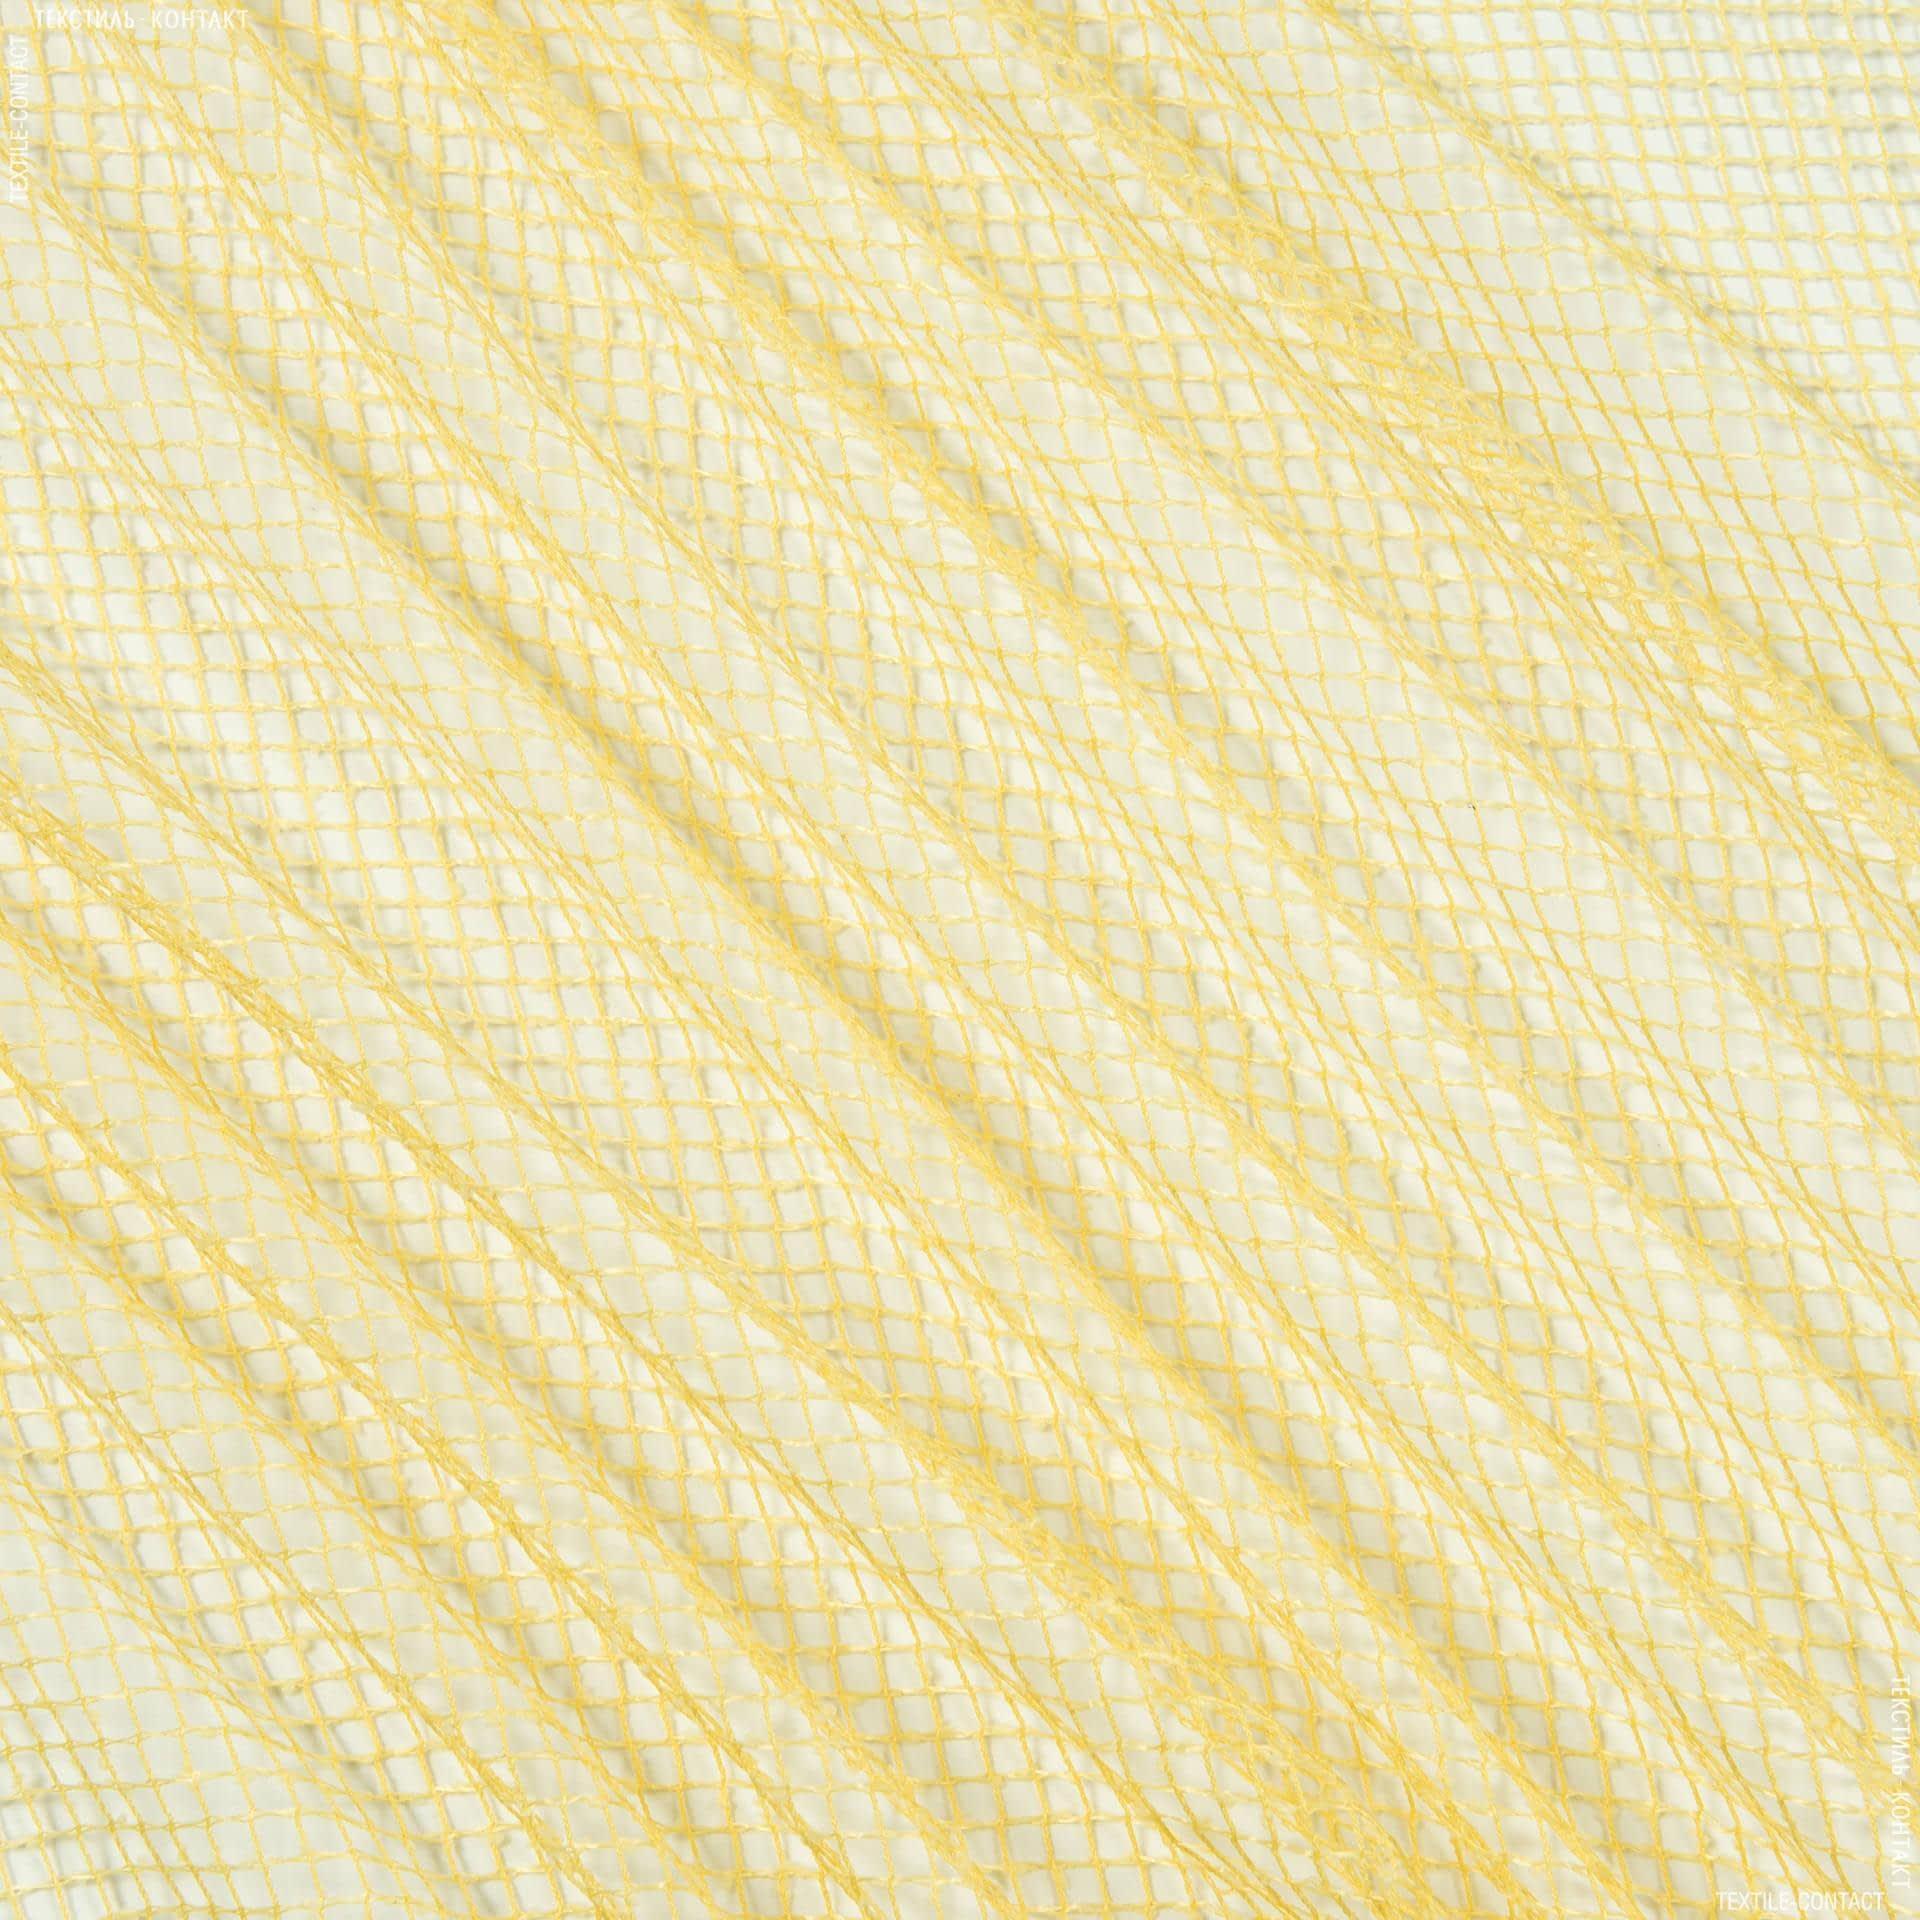 Ткани для драпировки стен и потолков - Тюль сетка элиза/  желтый